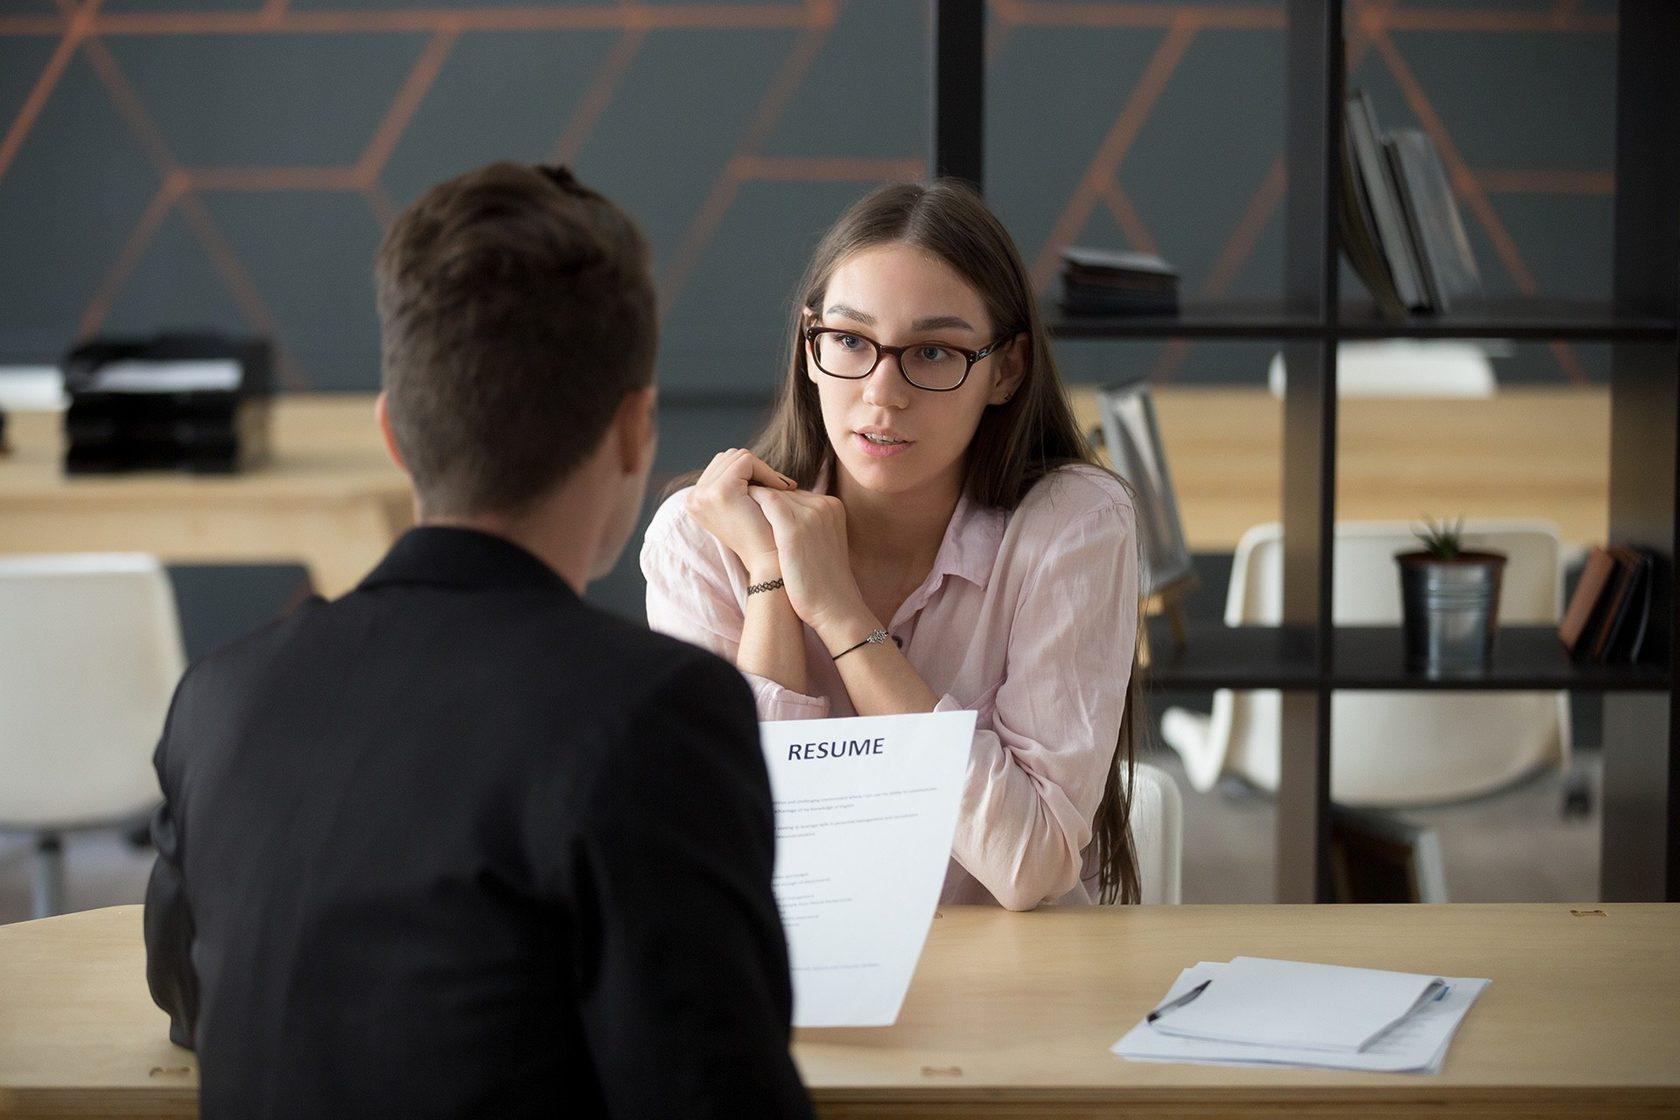 Диалог на собеседовании при приеме на работу